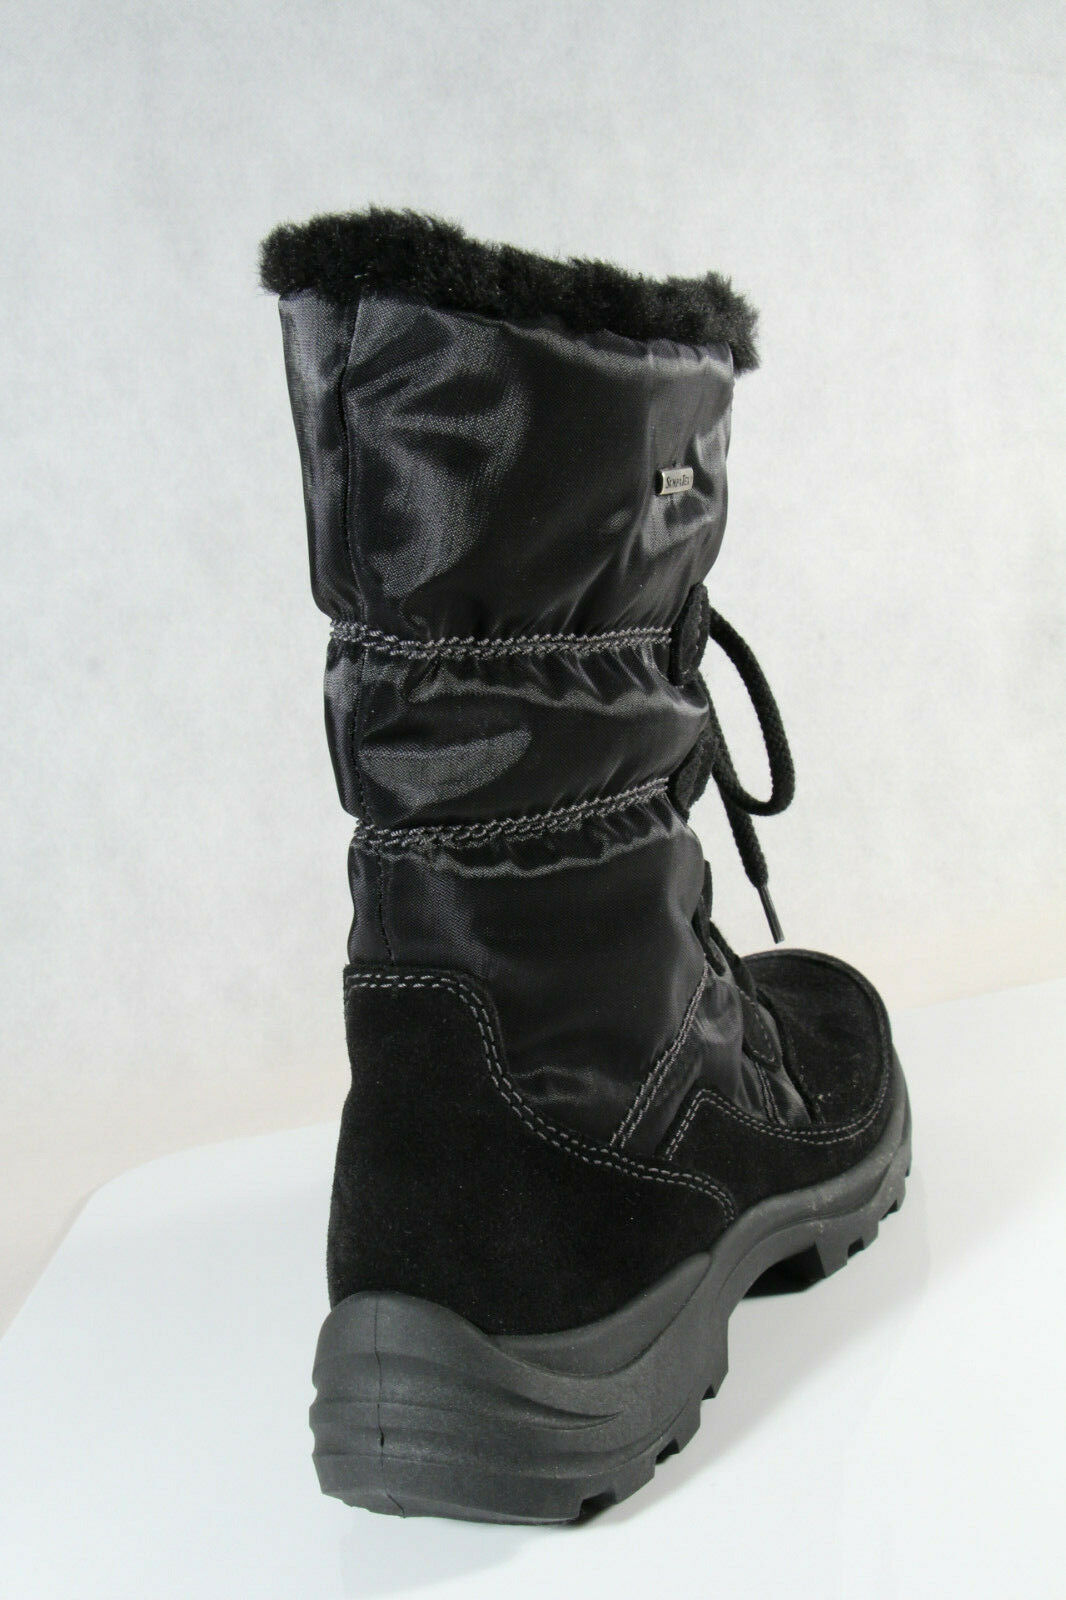 Rohde Damen Stiefel Boots Stiefeletten Winterstiefel schwarz Sympatex 2872 Neu!